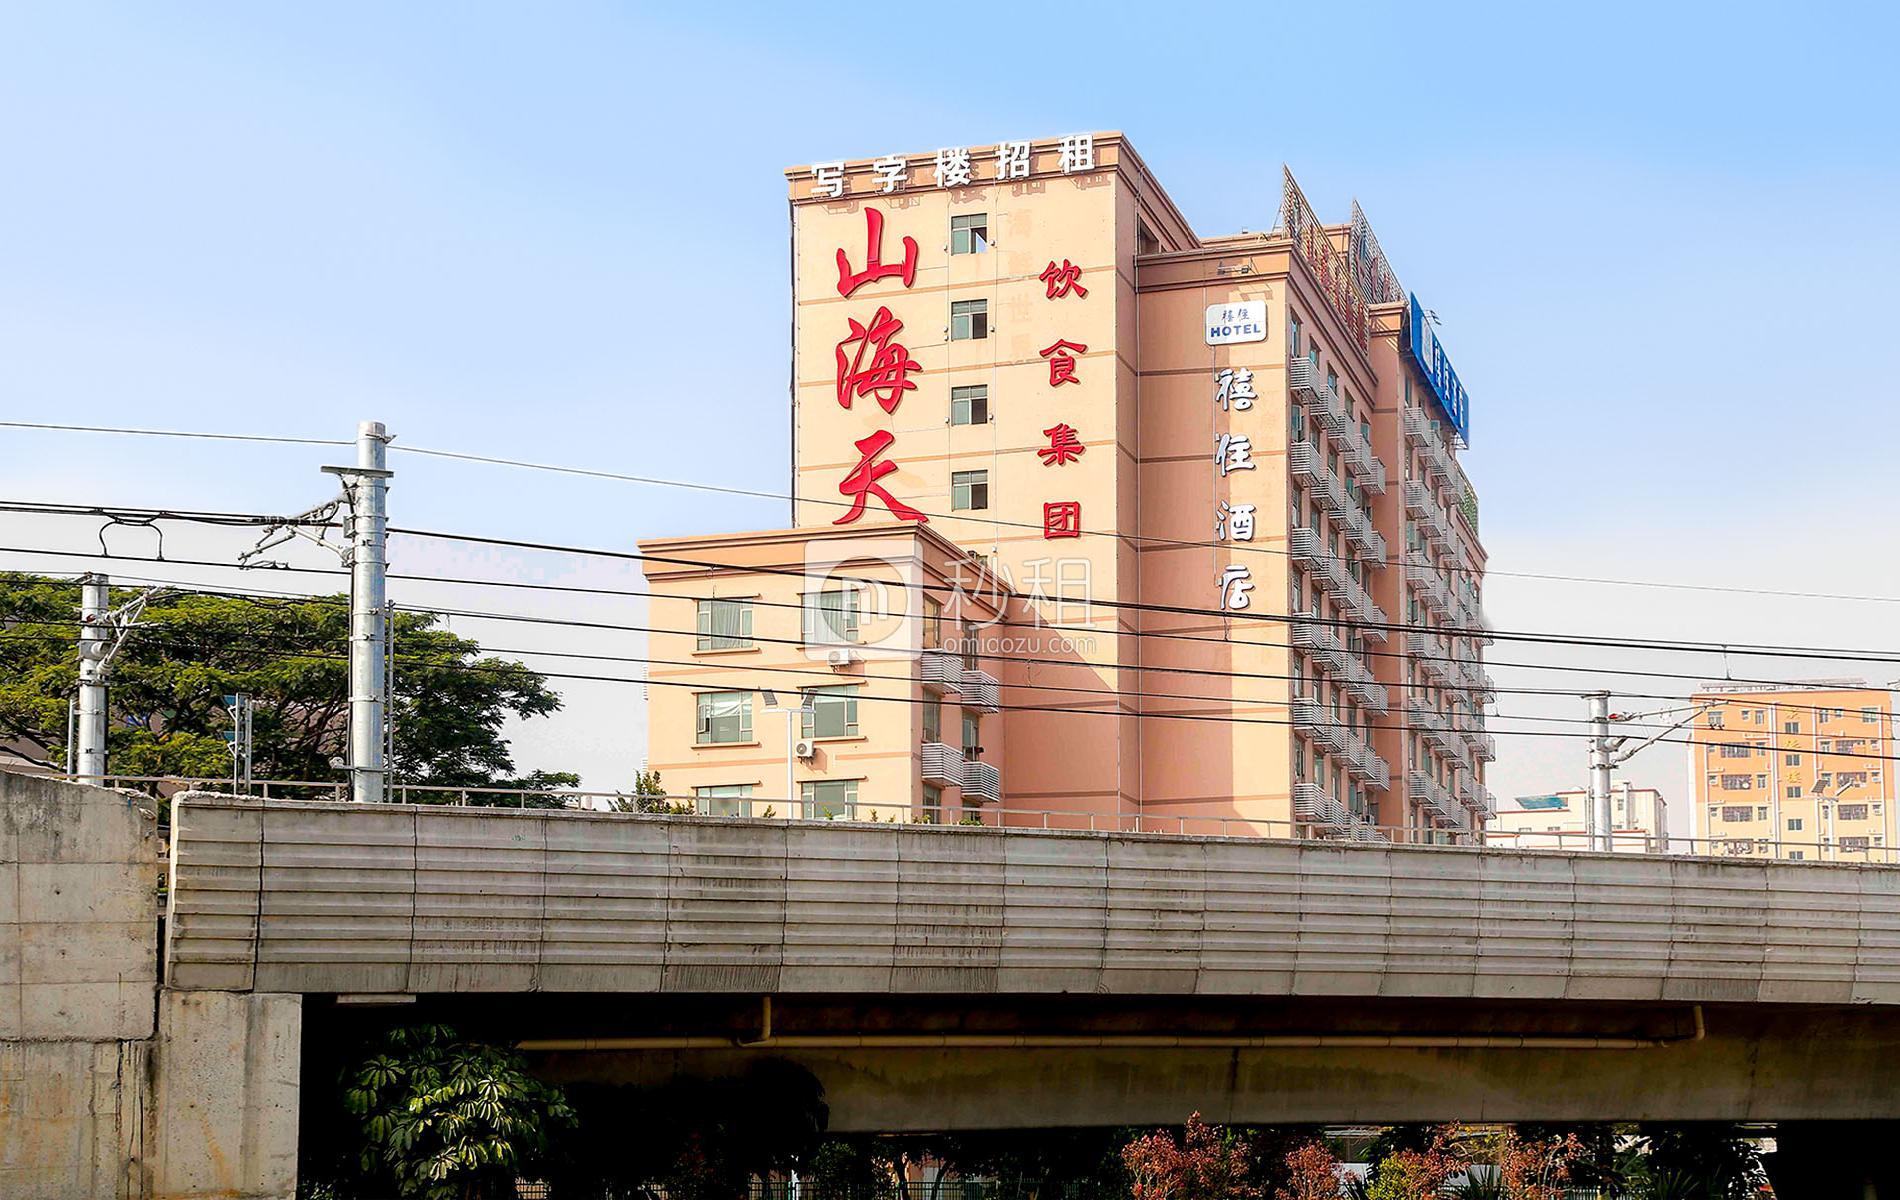 世峰大厦写字楼出租/招租/租赁,世峰大厦办公室出租/招租/租赁